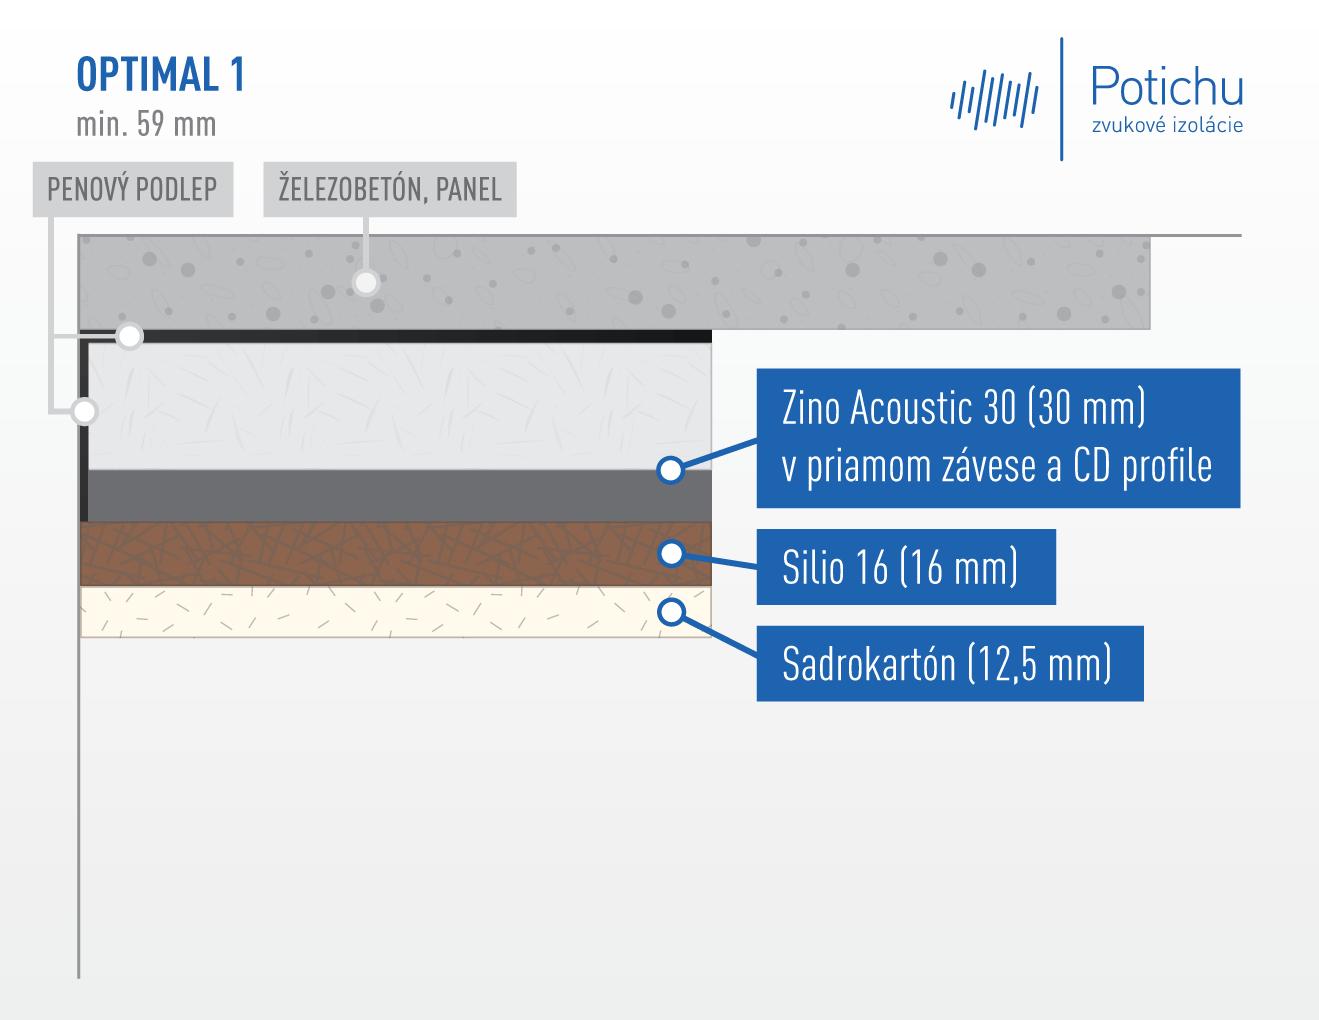 Zvukovo izolačné konštrukcie